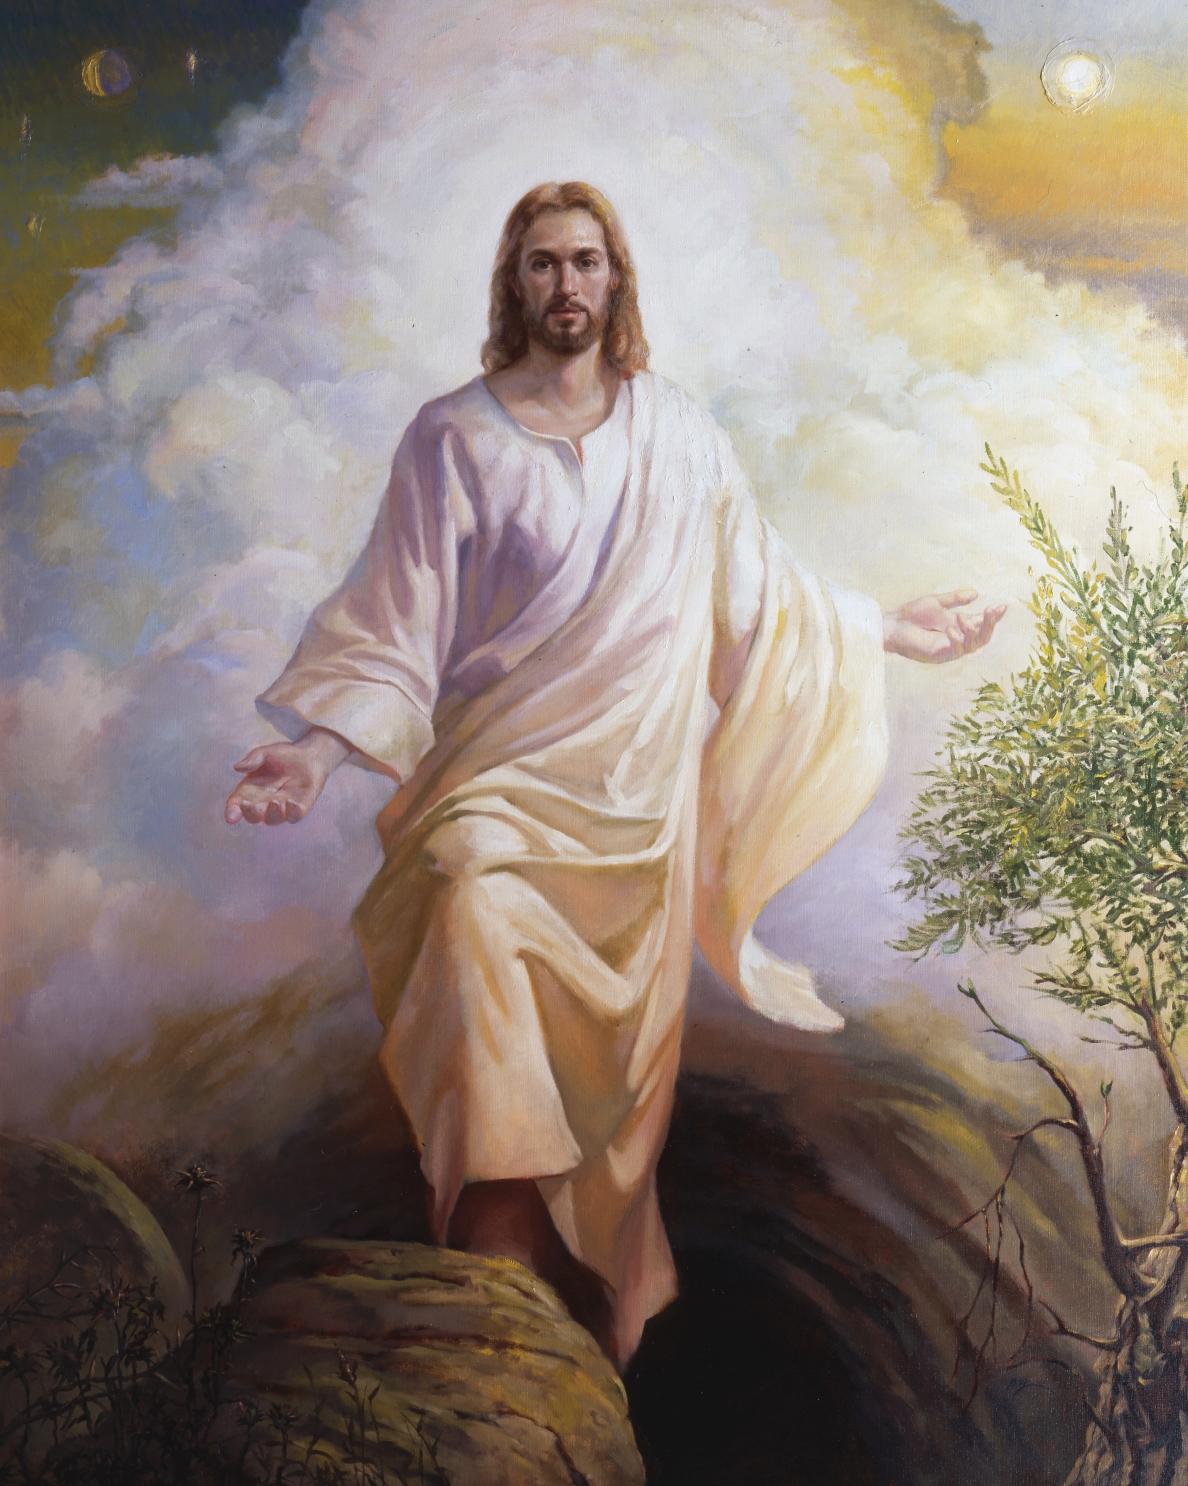 Как звучит молитва благодарности Господу и Ангелу Хранителю